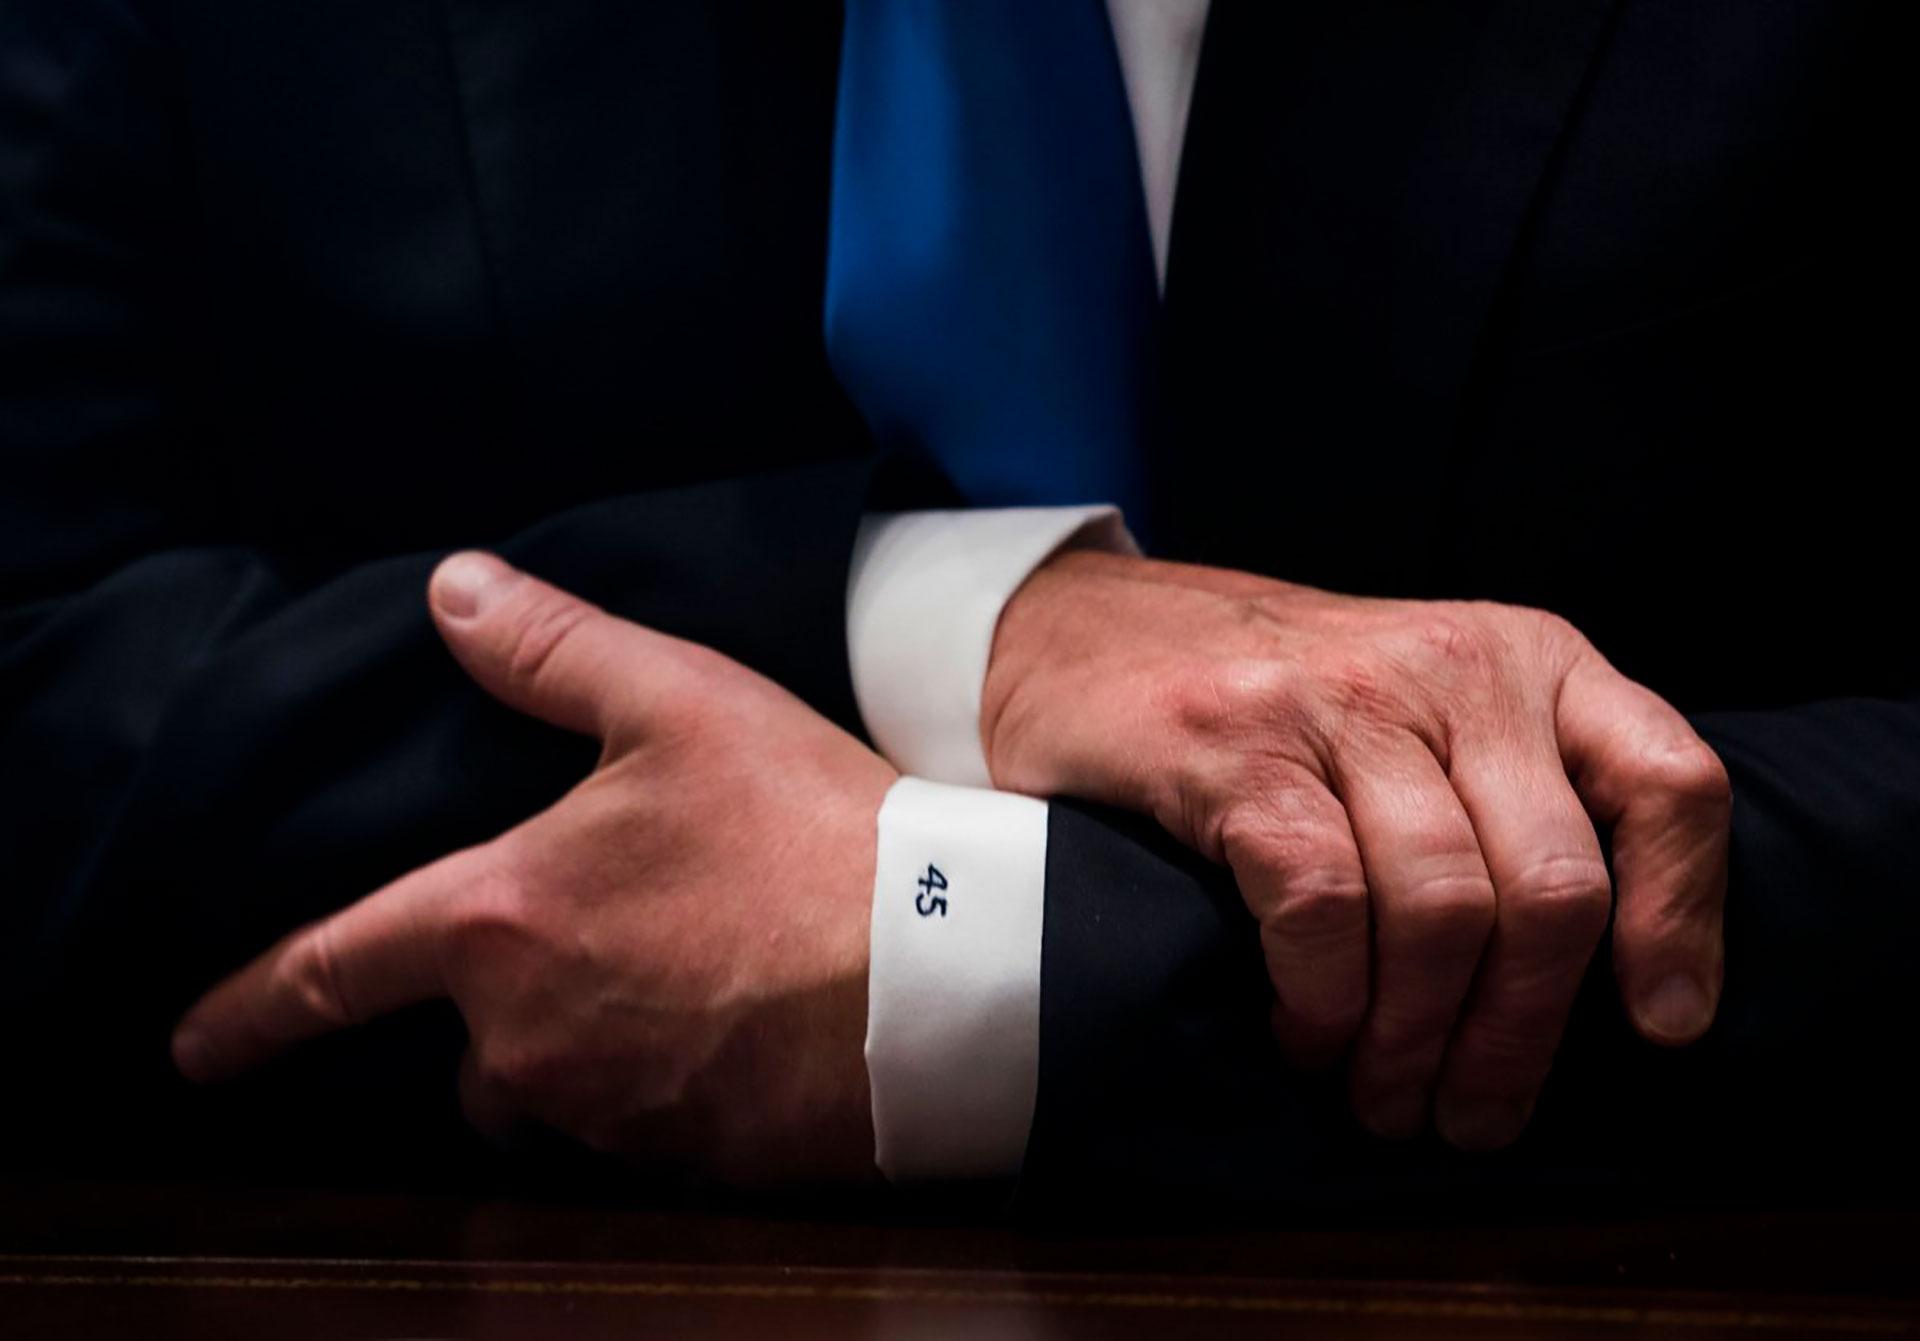 9/1/2017 Las mangas de la camisa de Trump, con el 45, su número de Presidente de los Estados Unidos, duranet una reunión con legisladores para discutir las leyes de inmigración